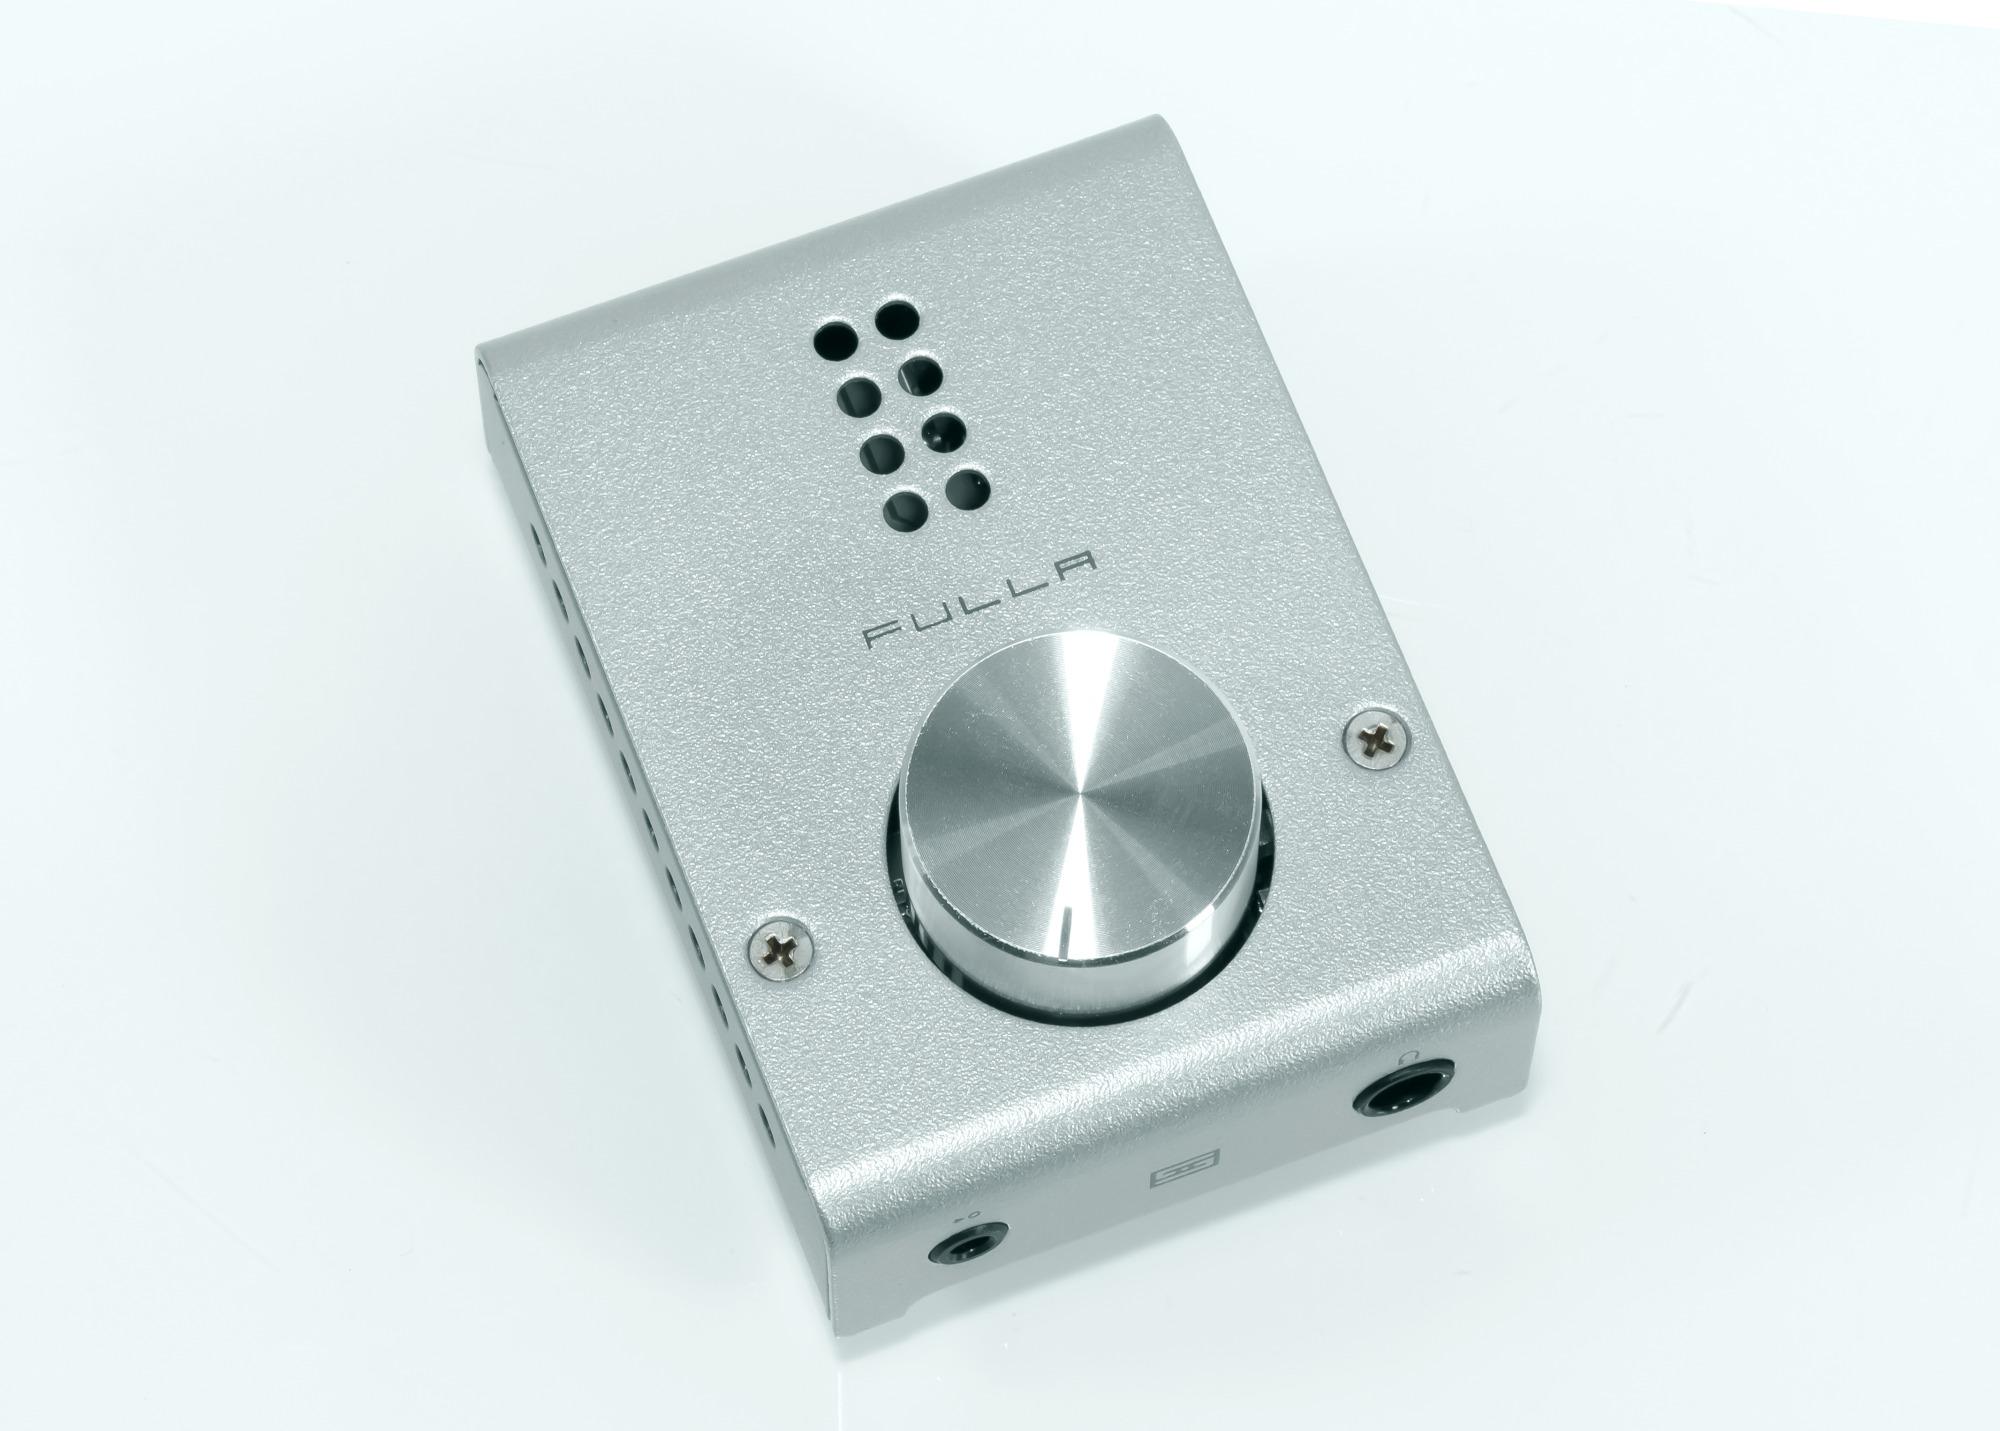 Компактный USB ЦАП и усилитель для наушников Schiit Fulla 2